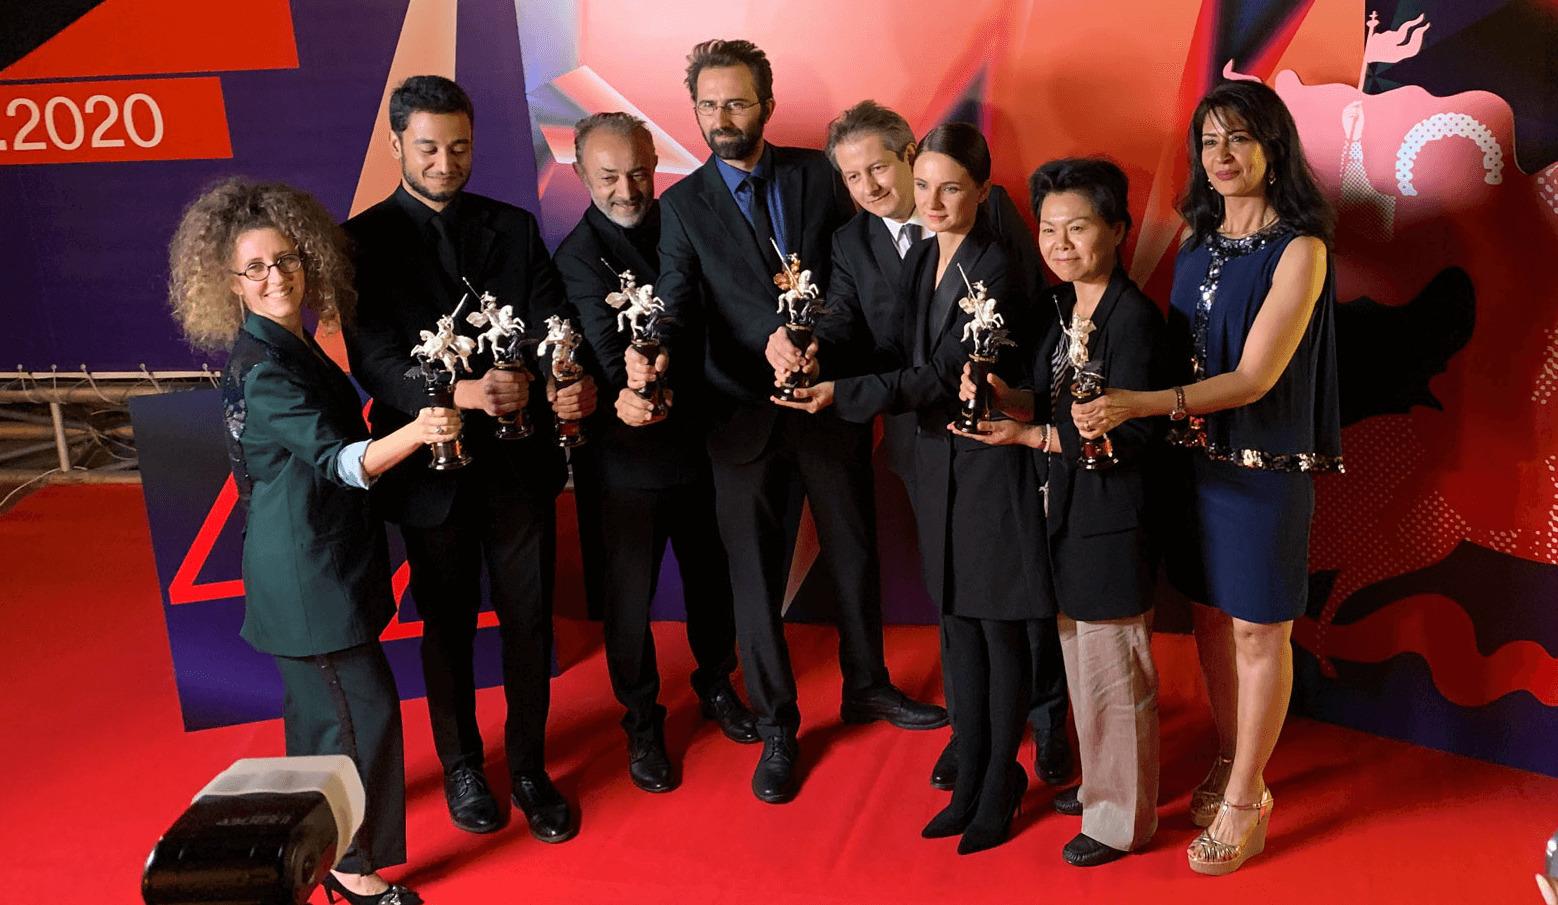 Определены победители Московского международного кинофестиваля 2020